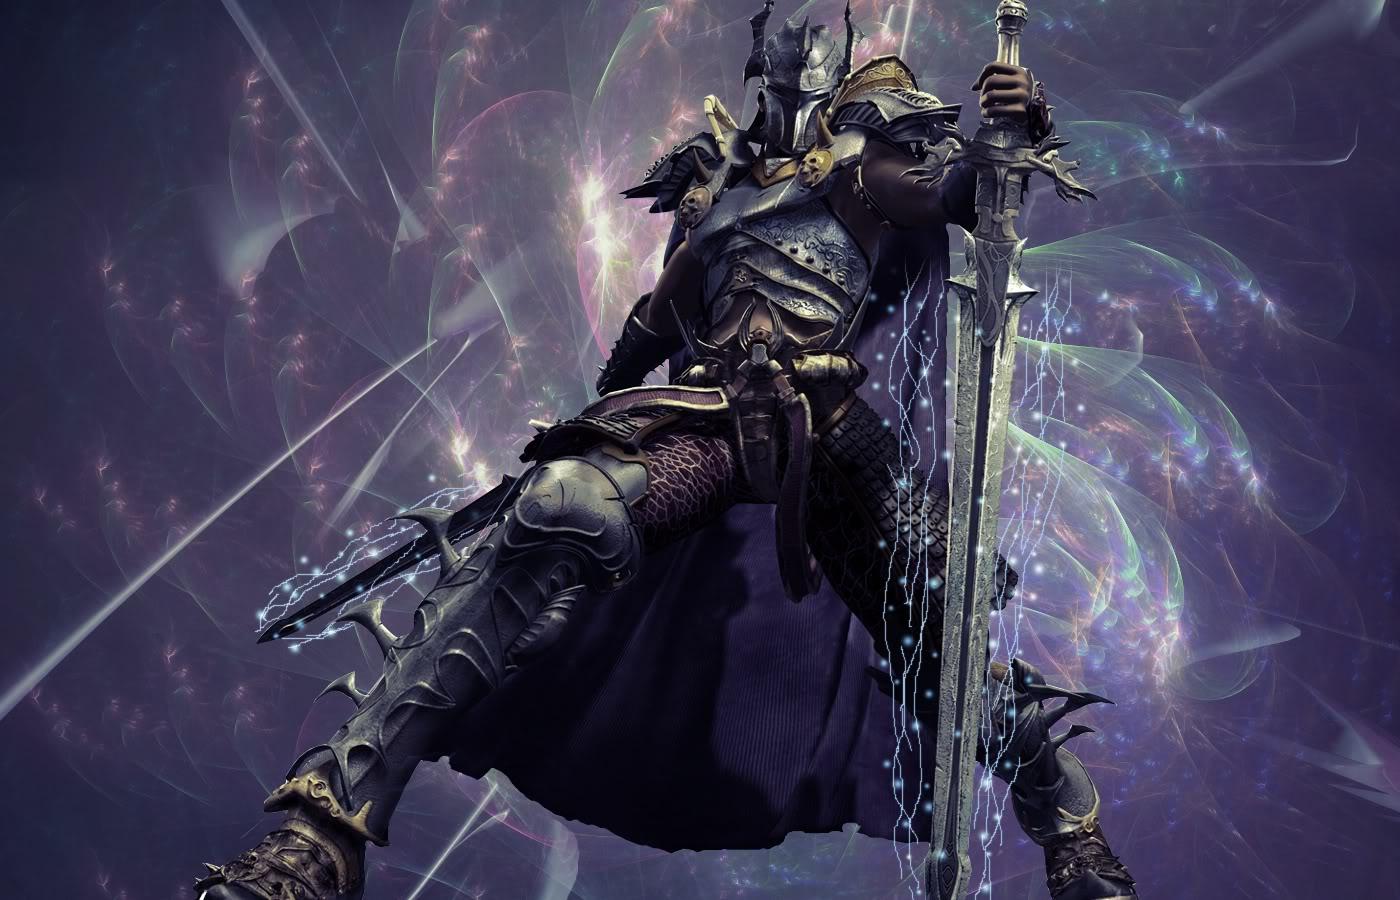 Dark Knight Warrior Wallpaper Download